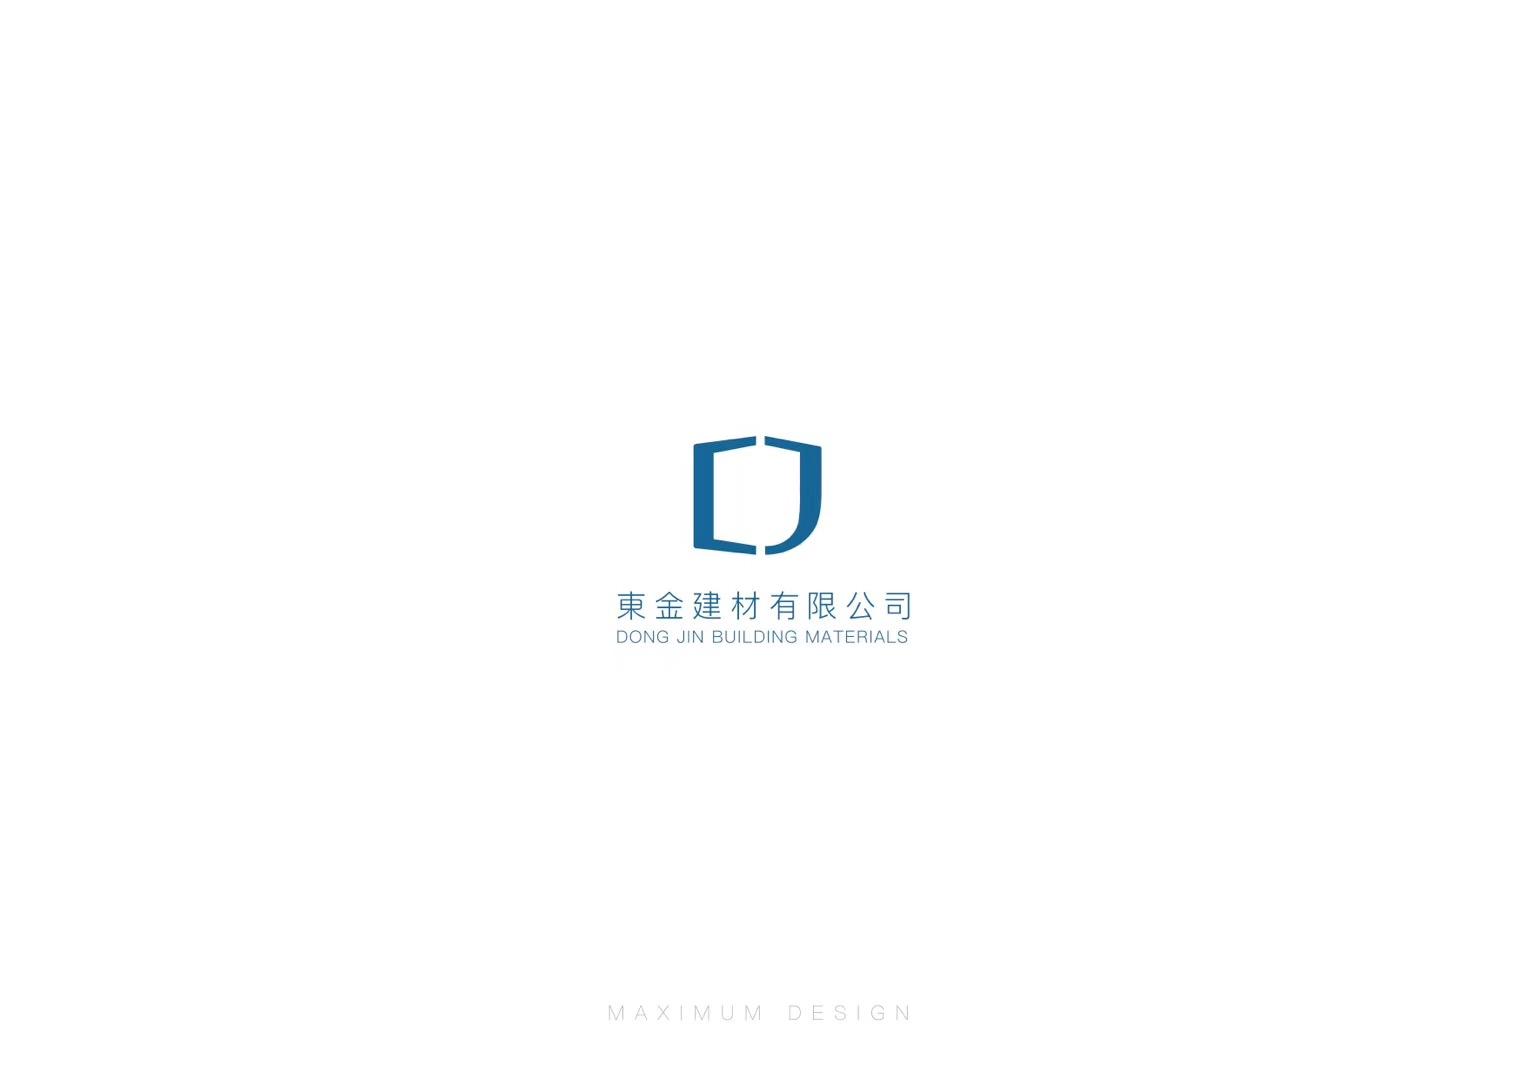 东莞市东金建材有限公司